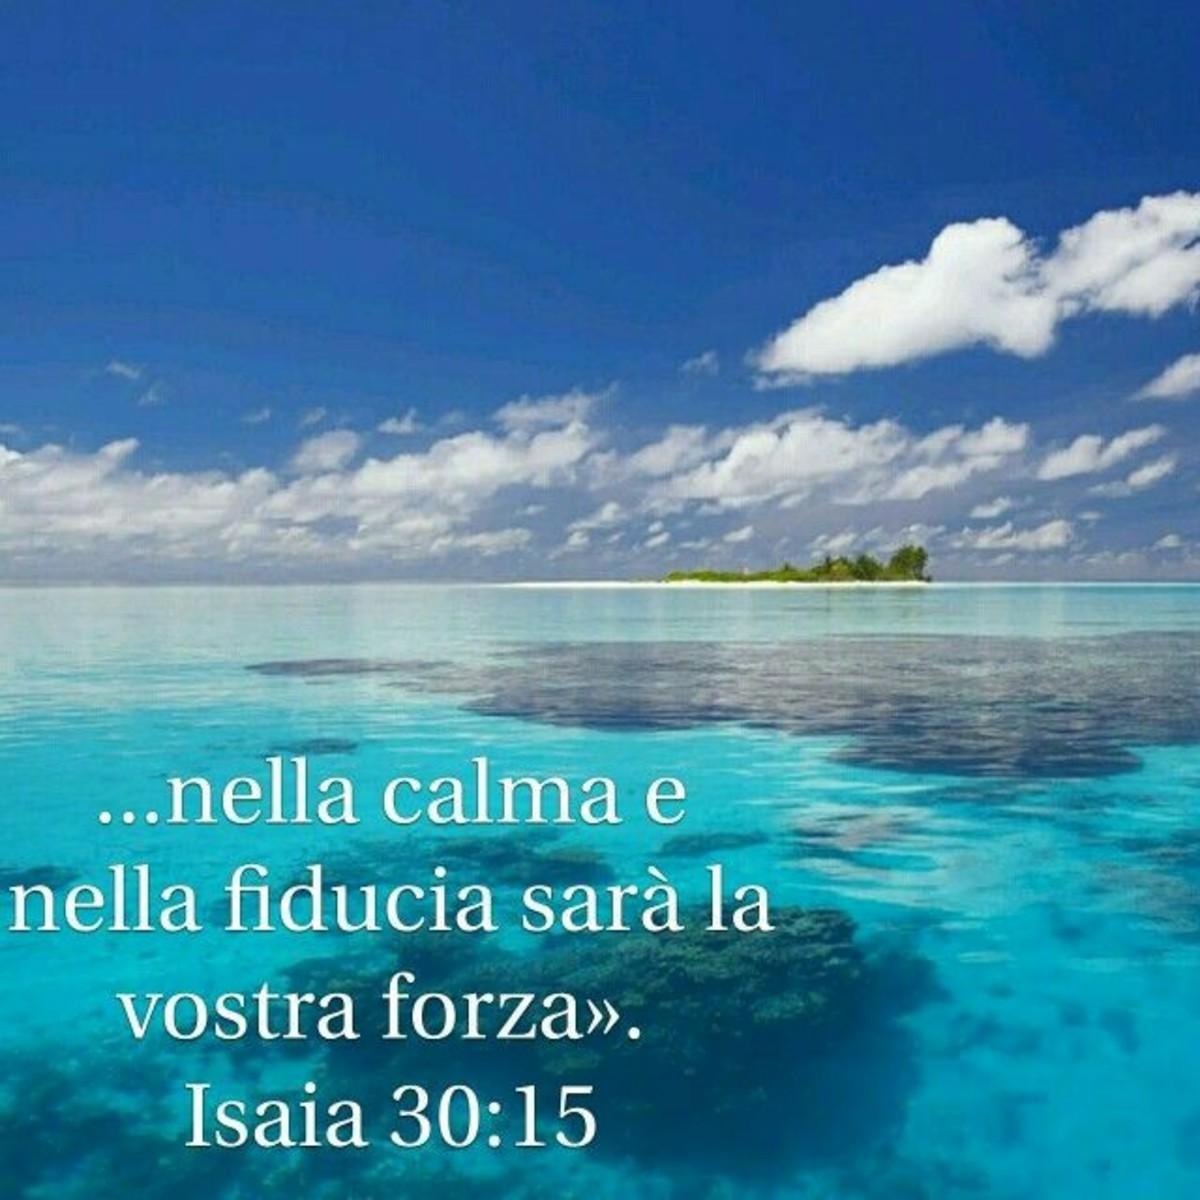 Versi della Bibbia a caso 4854